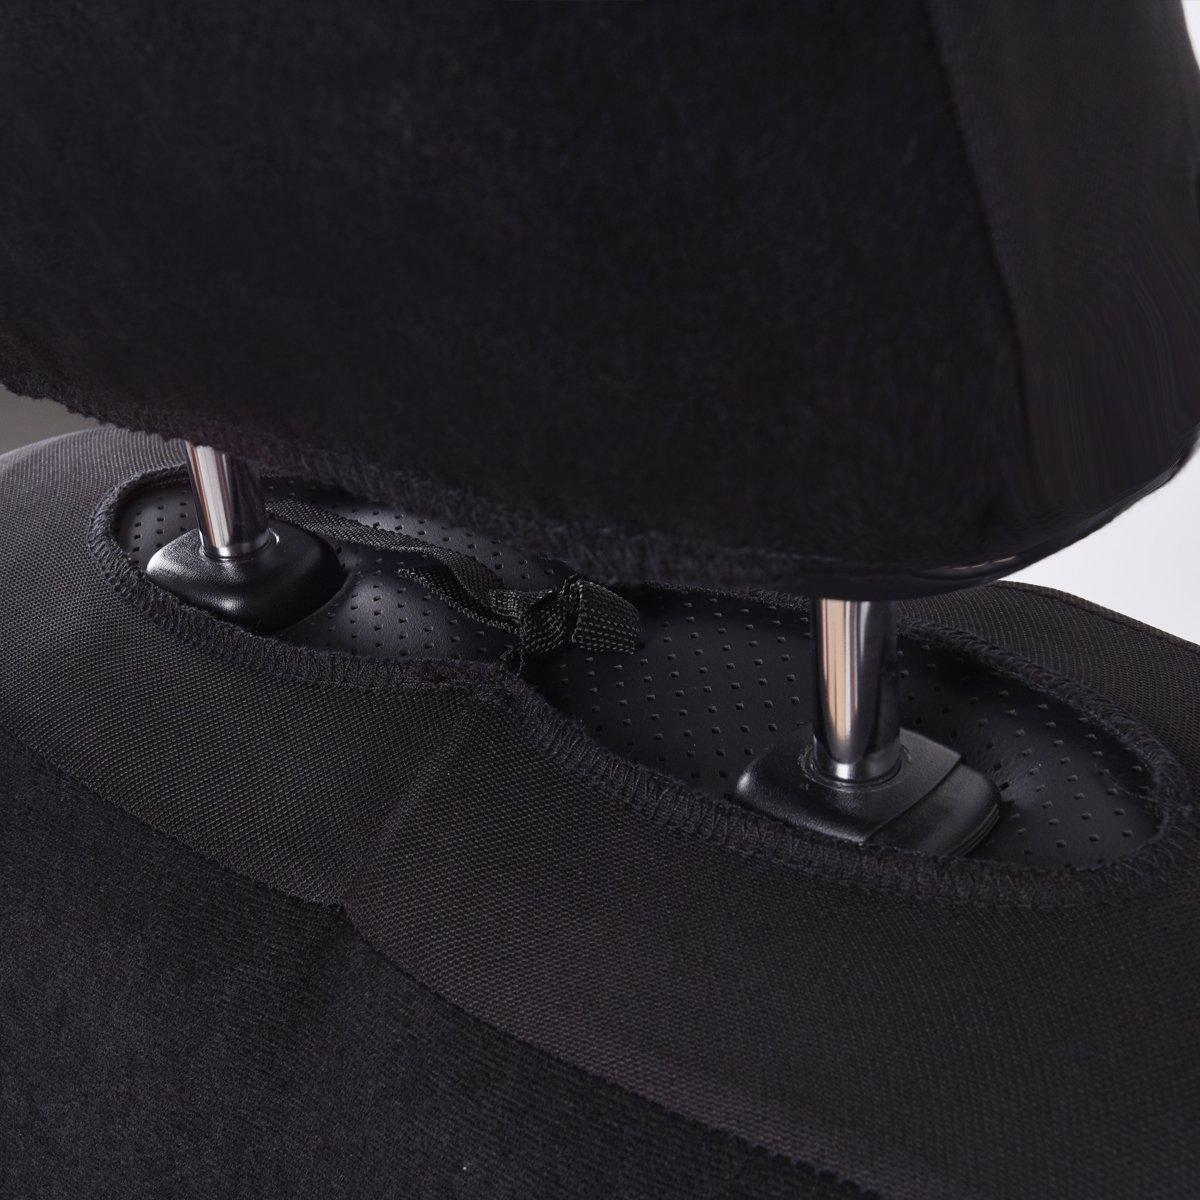 Set Completo di Fodere per Seggiolino Auto 11 Pezzi CAR PASS Coprisedili Universali per Auto Protezioni per la Parte Anteriore e Posteriore del Sedile